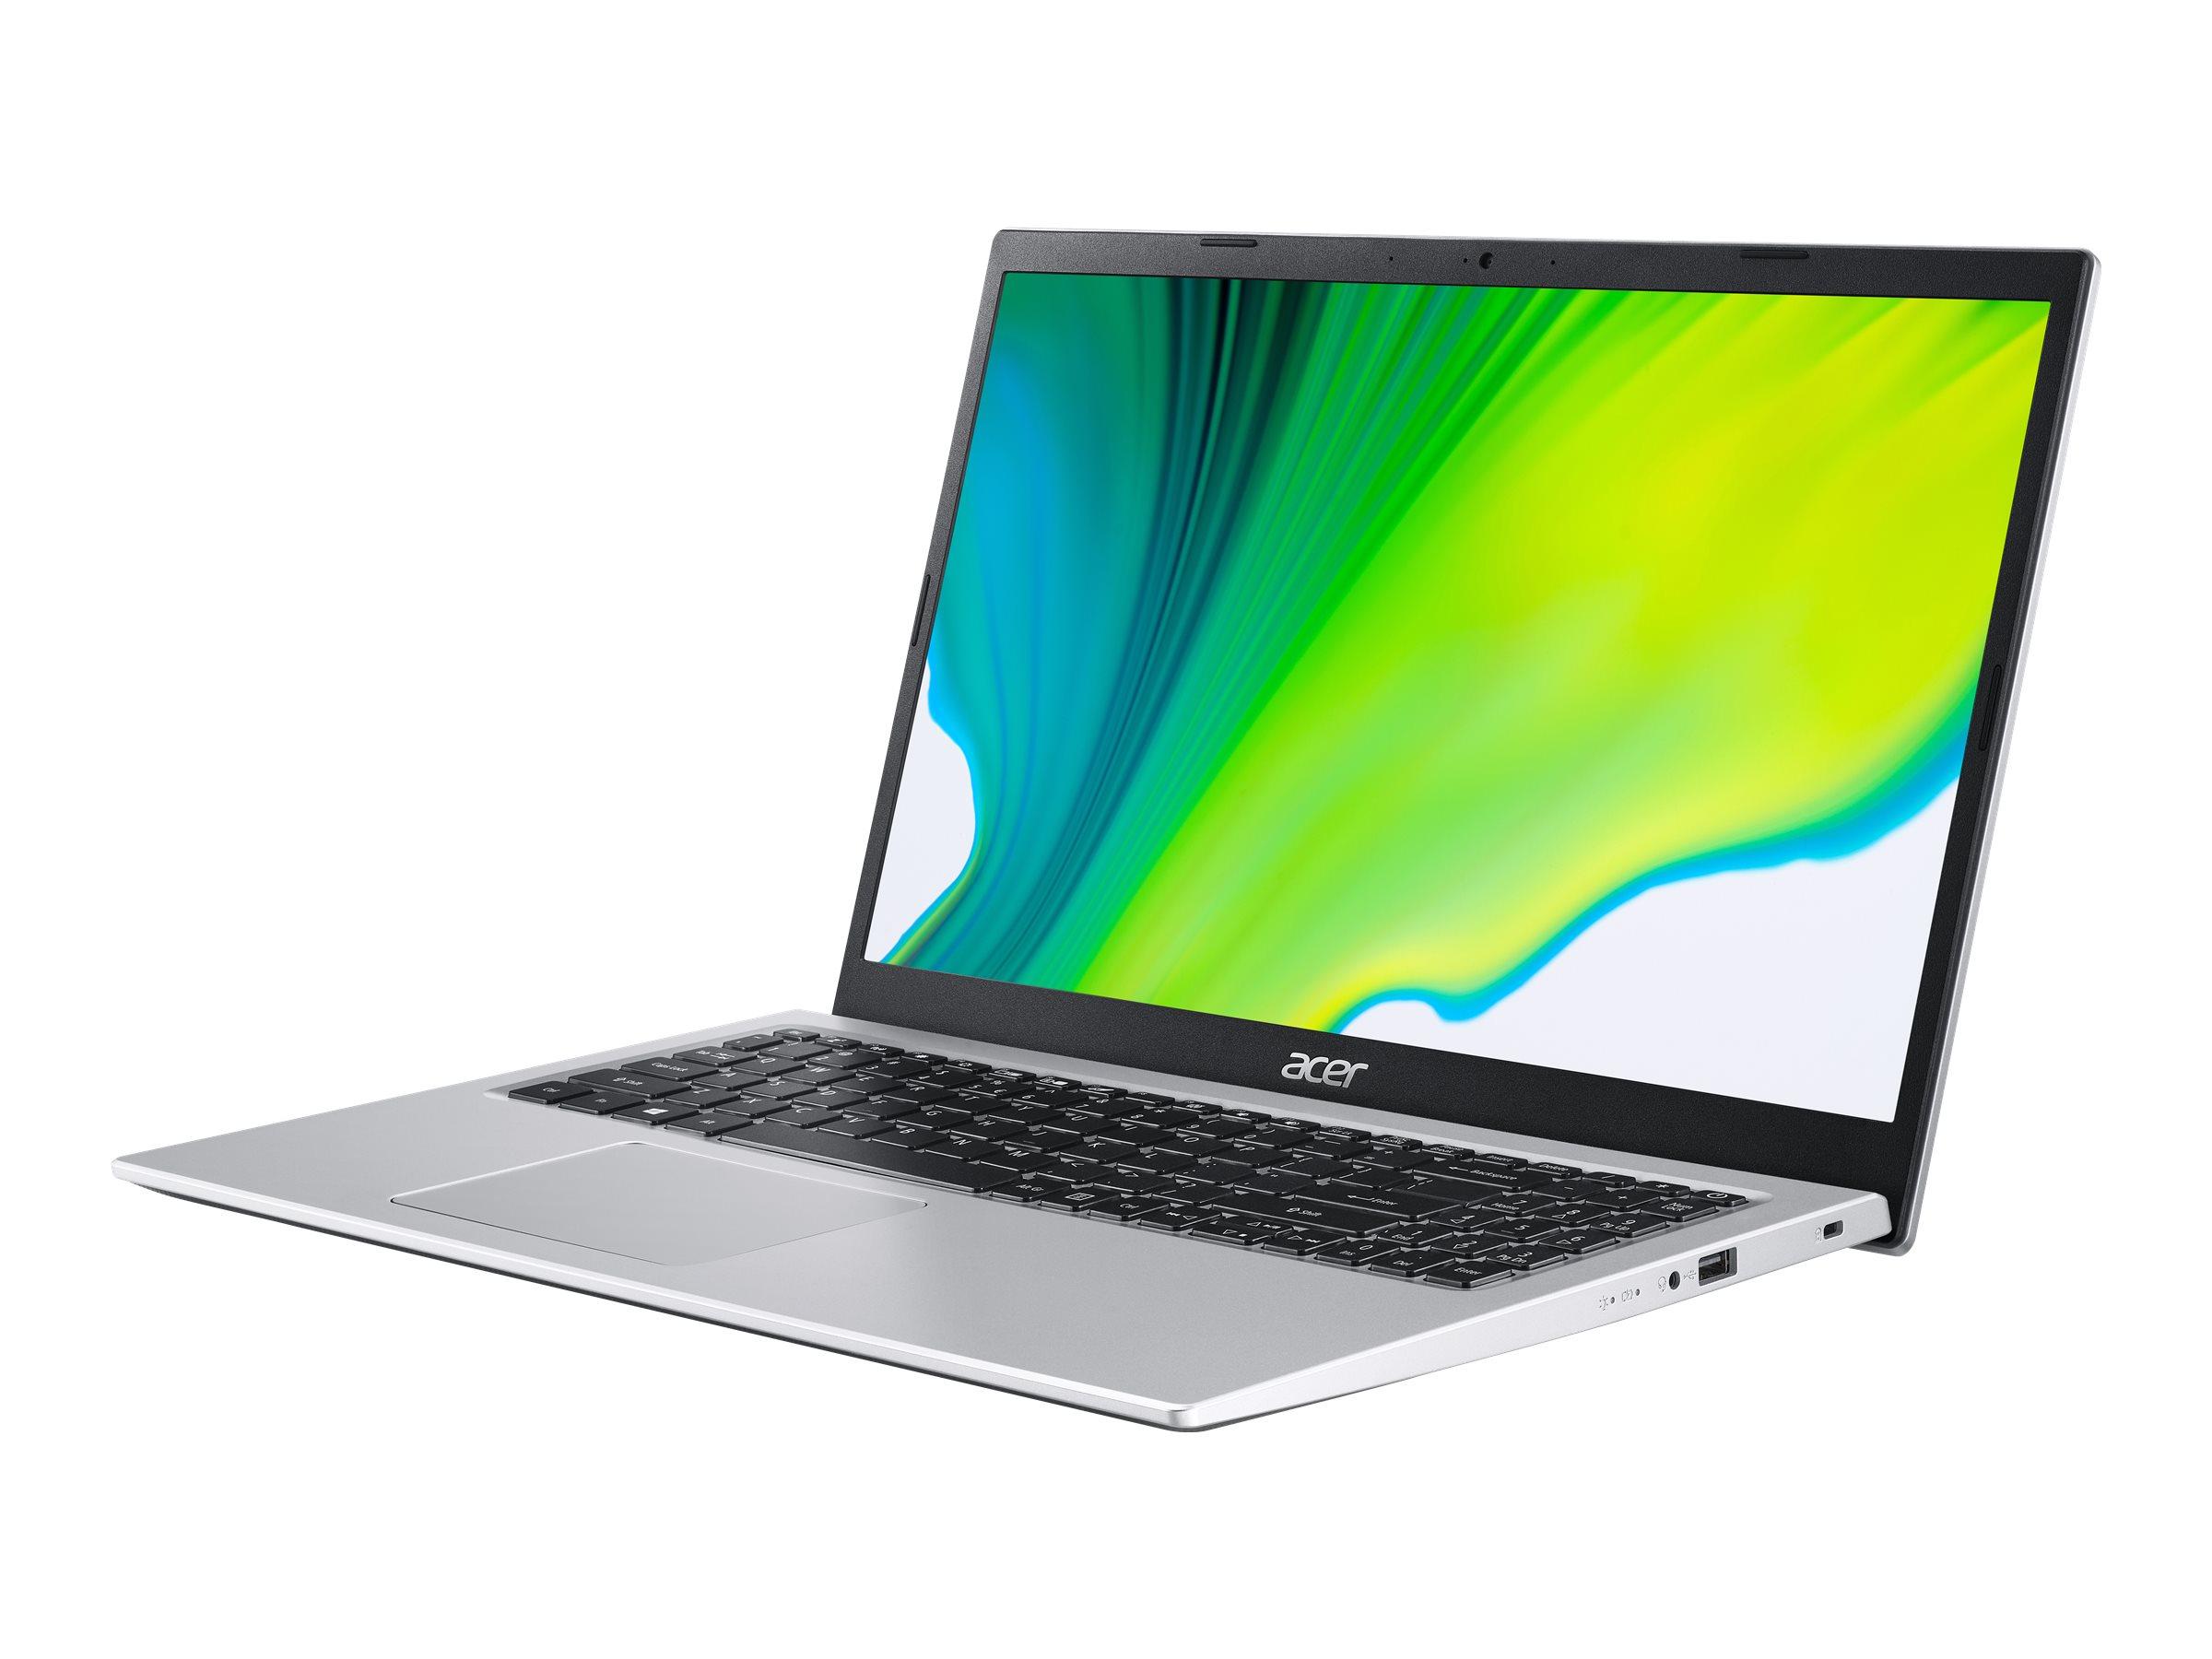 Acer Aspire 3 A315-35-P5JU - Pentium Silver N6000 / 1.1 GHz - Win 10 Home 64-Bit - 8 GB RAM - 512 GB SSD QLC - 39.6 cm (